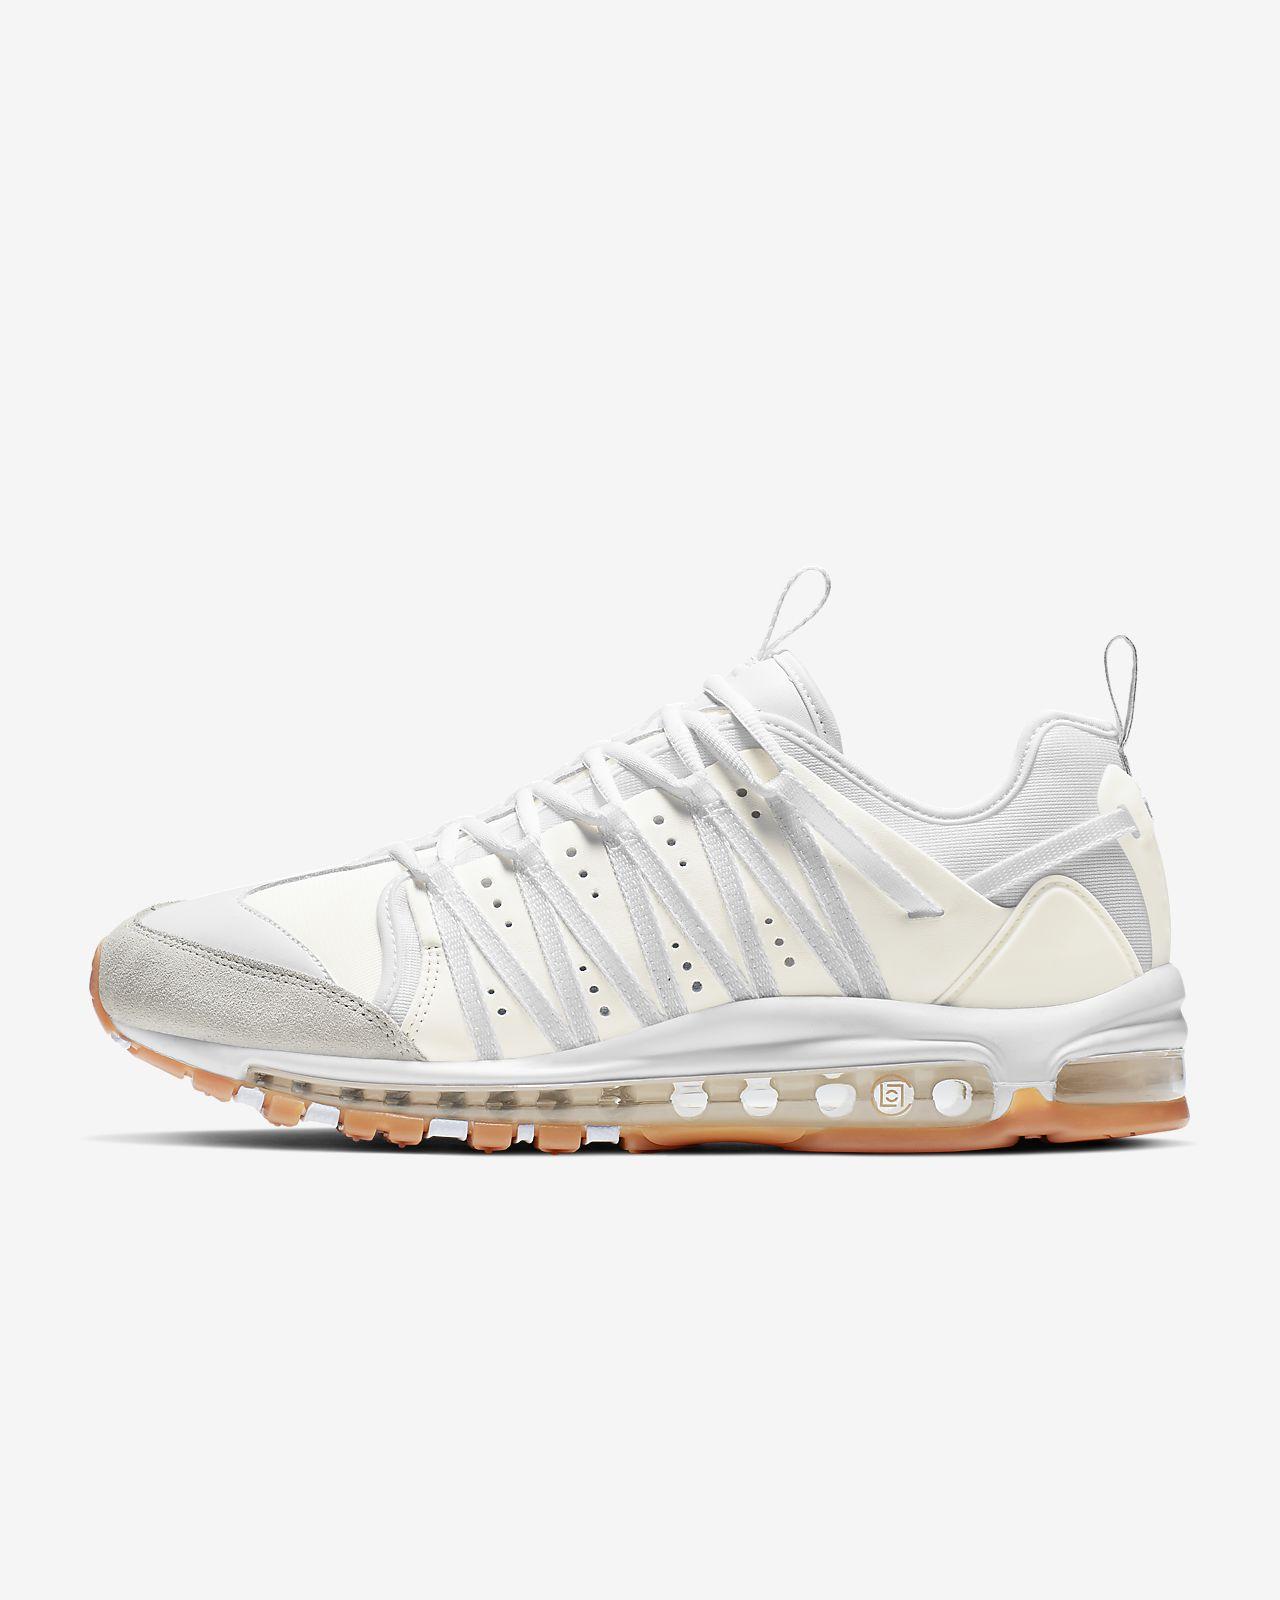 รองเท้าผู้ชาย Nike x CLOT Air Max Haven